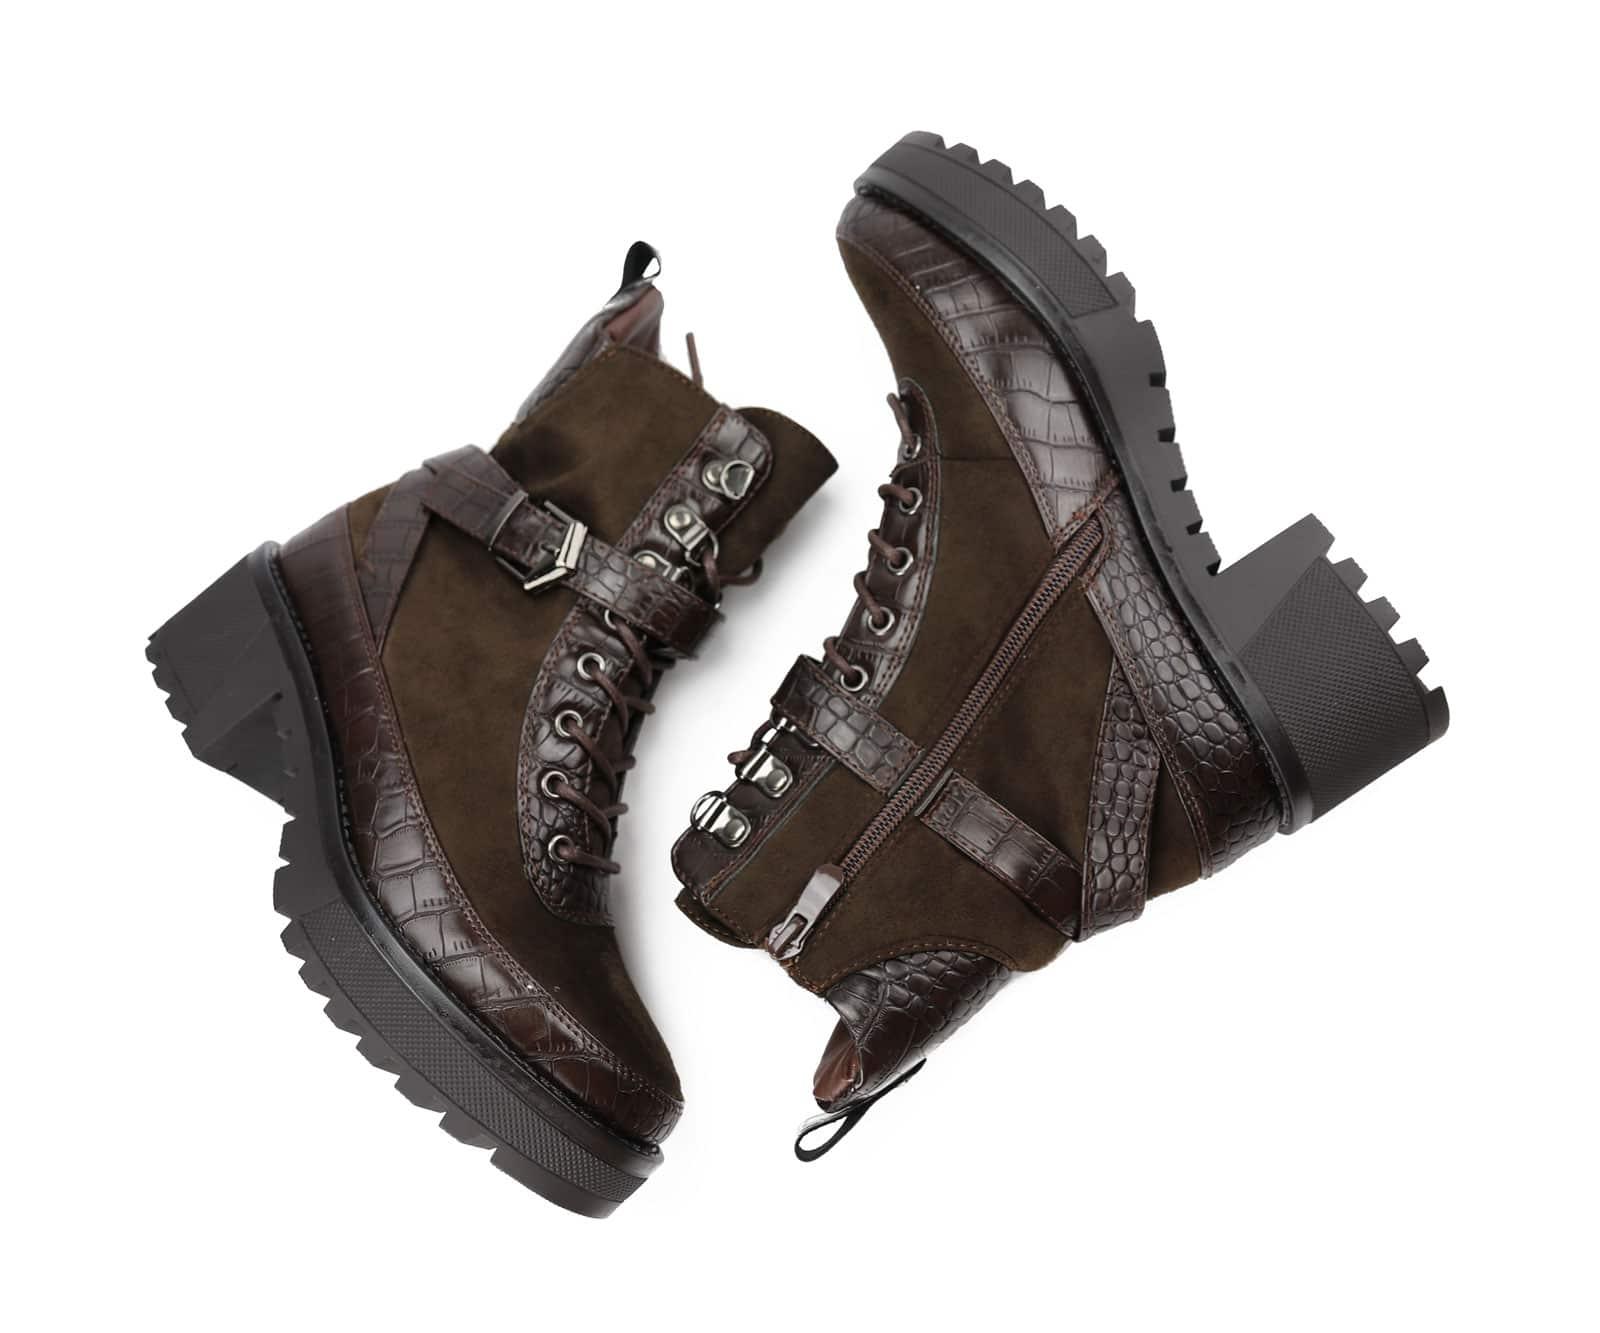 professionele verkoop beste prijs ga online LV-2 Desert Boots Met Croco Print, Bruin